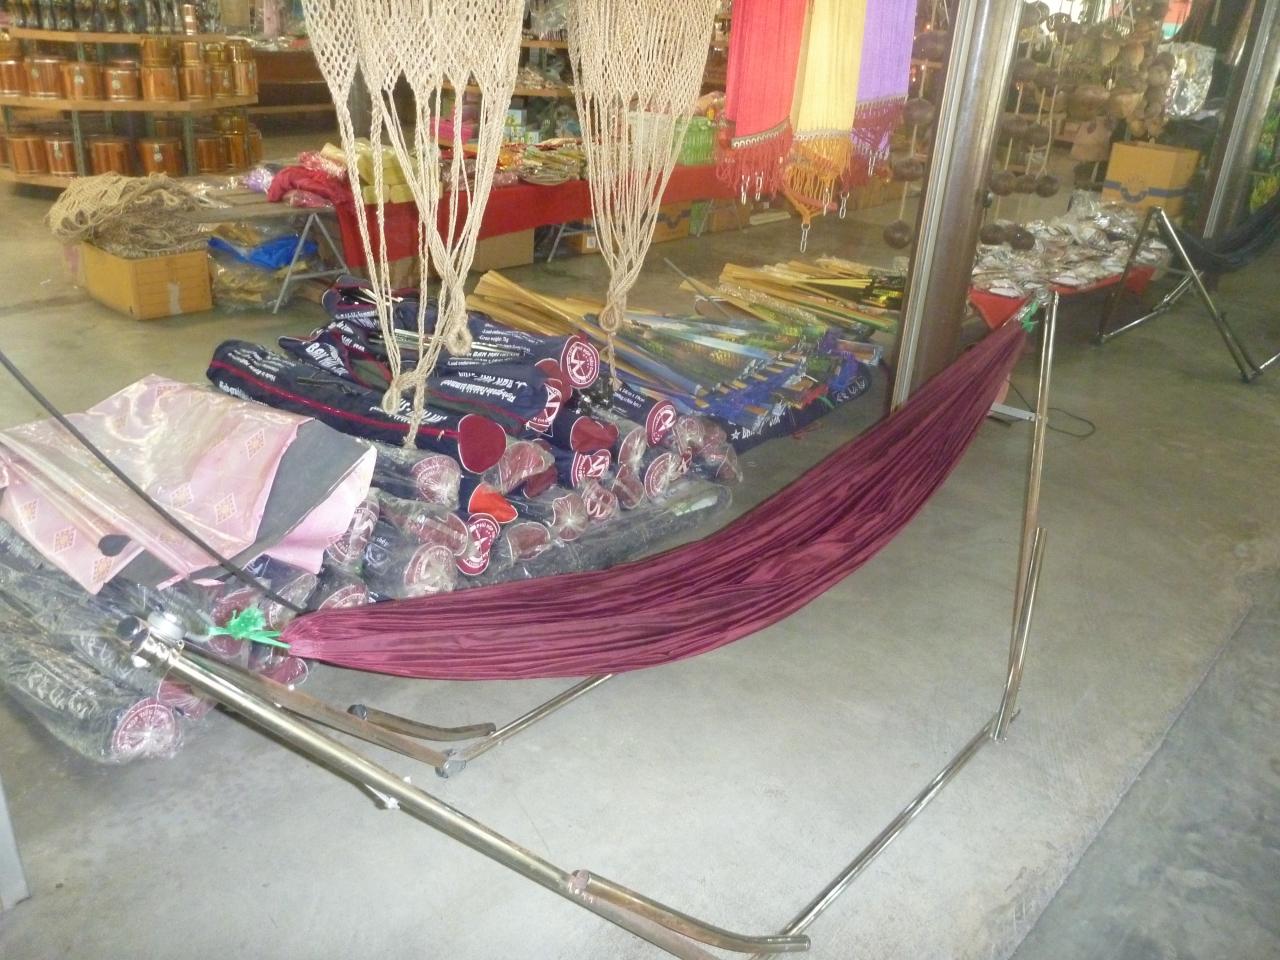 Thailand Hammock In Store